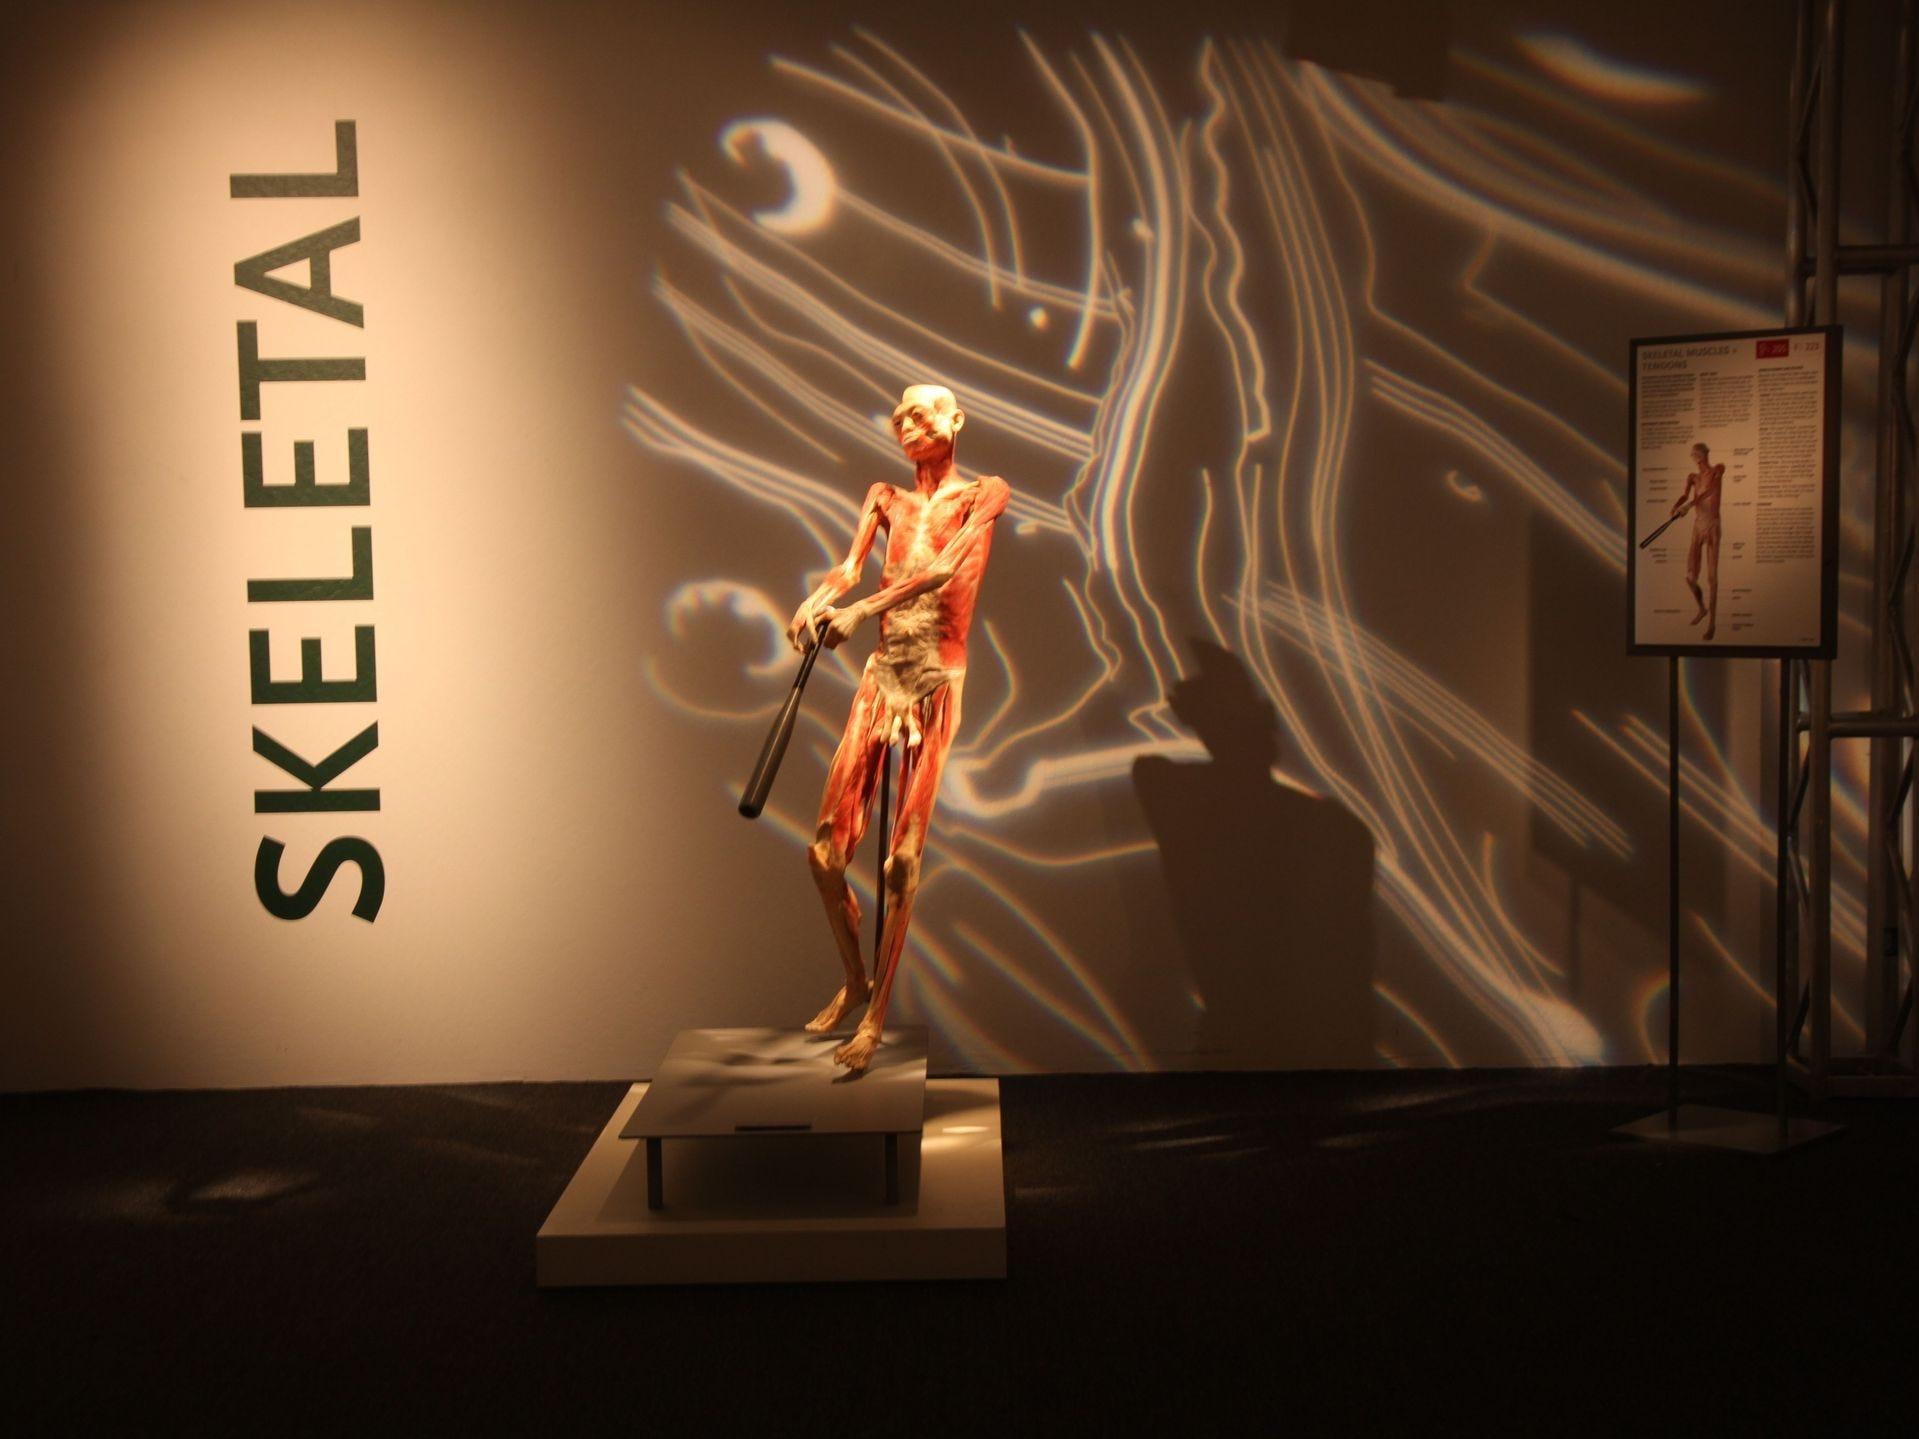 La exposición lleva a los huéspedes a través de nueve galerías autoguiadas.